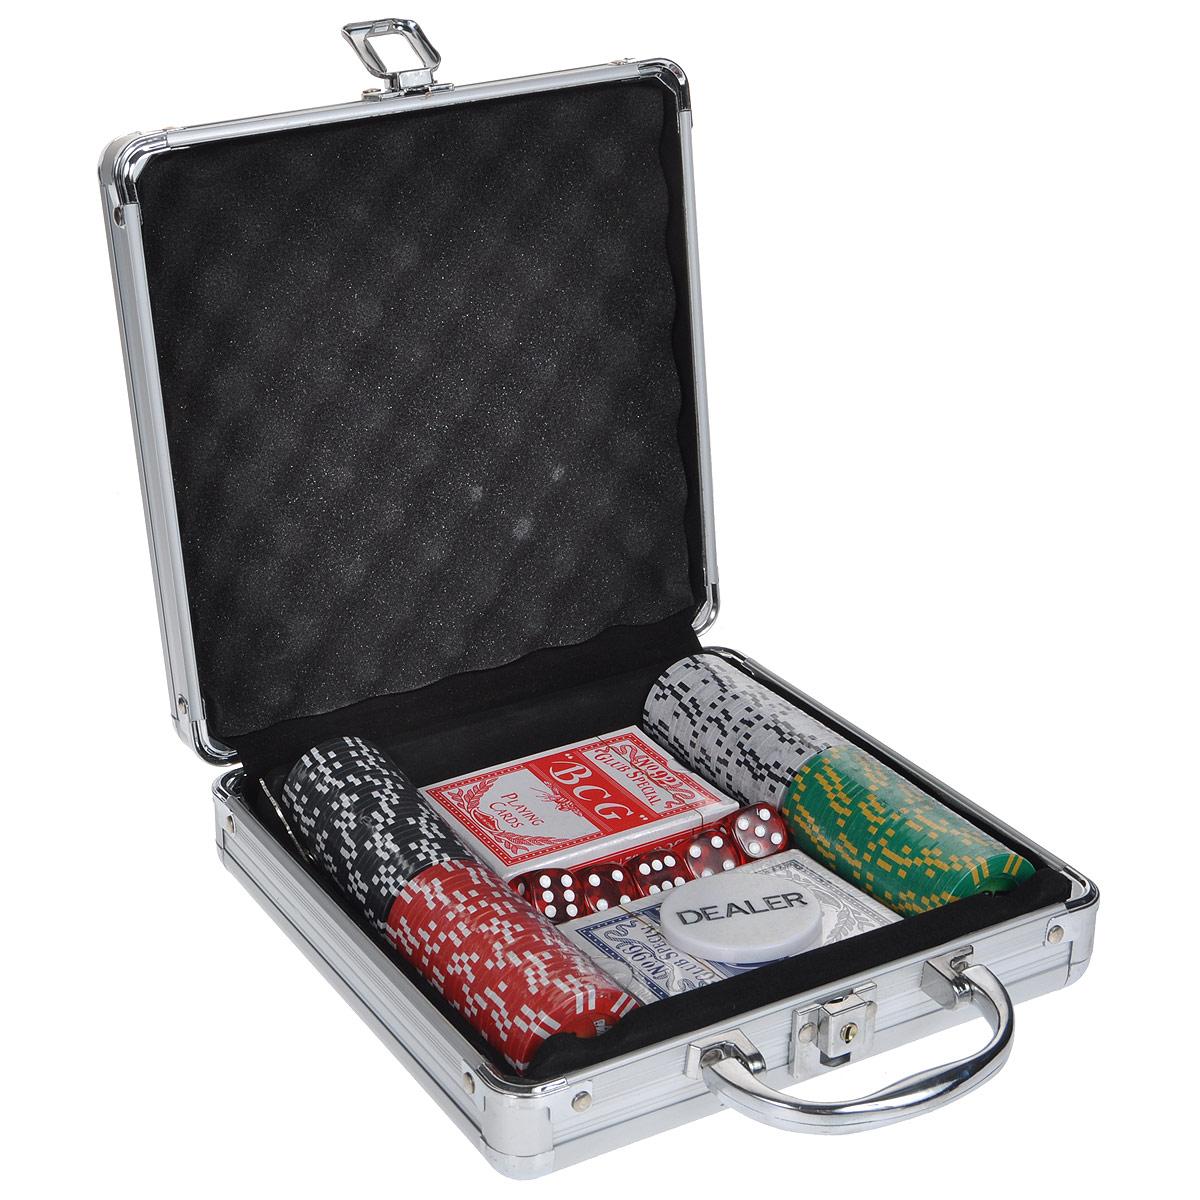 Набор для покера, размер: 20x20x8 см. ГД4/100кГД4/100кНабор для игры в покер - то, что нужно для отличного проведения досуга. Набор состоит из двух колод игральных карт, 100 игровых пластиковых фишек, фишки Dealer и 5 игровых кубиков. Набор фишек состоит из 25 фишек белого цвета с номиналом 1, 25 фишек красного цвета c номиналом 5, 25 фишек зеленого цвета с номиналом 25 и 25 фишек черного цвета с номиналом 100. Предметы набора хранятся в металлическом кейсе, закрывающемся на ключ. Такой набор станет отличным подарком для любителей покера. Покер (англ. poker) - карточная игра, цель которой - выиграть ставки, собрав как можно более высокую покерную комбинацию, используя 5 карт, или вынудив всех соперников прекратить участвовать в игре. Игра идет с полностью или частично закрытыми картами. Покер как карточная игра существует более 500 лет. Зародился он в Европе: в Испании, Франции, Италии. С течением времени правила покера менялись. Первые письменные упоминания о современном варианте покера появляются в...